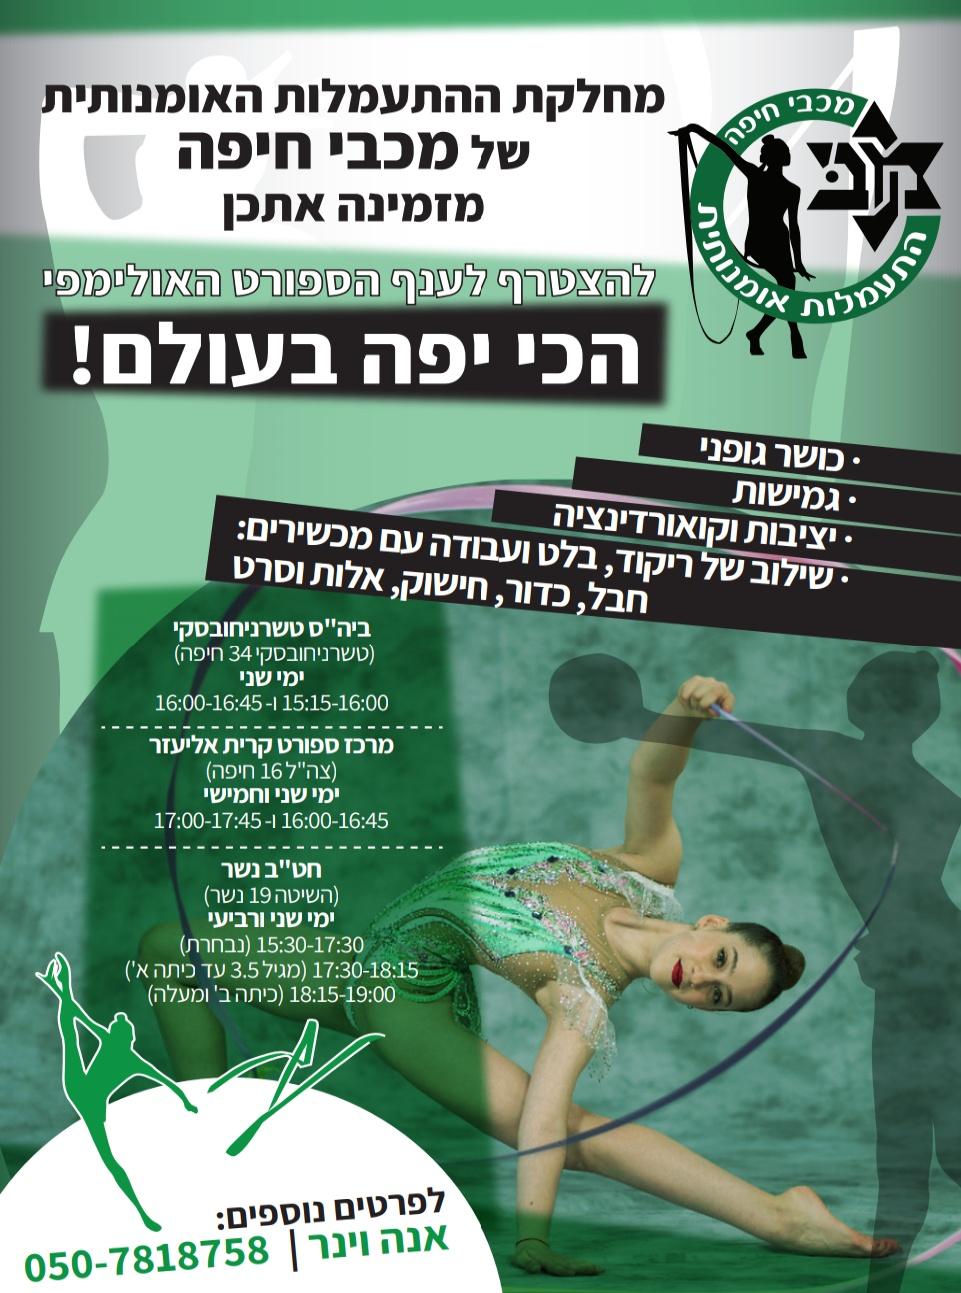 תמונה: אגודת מכבי חיפה כרמל